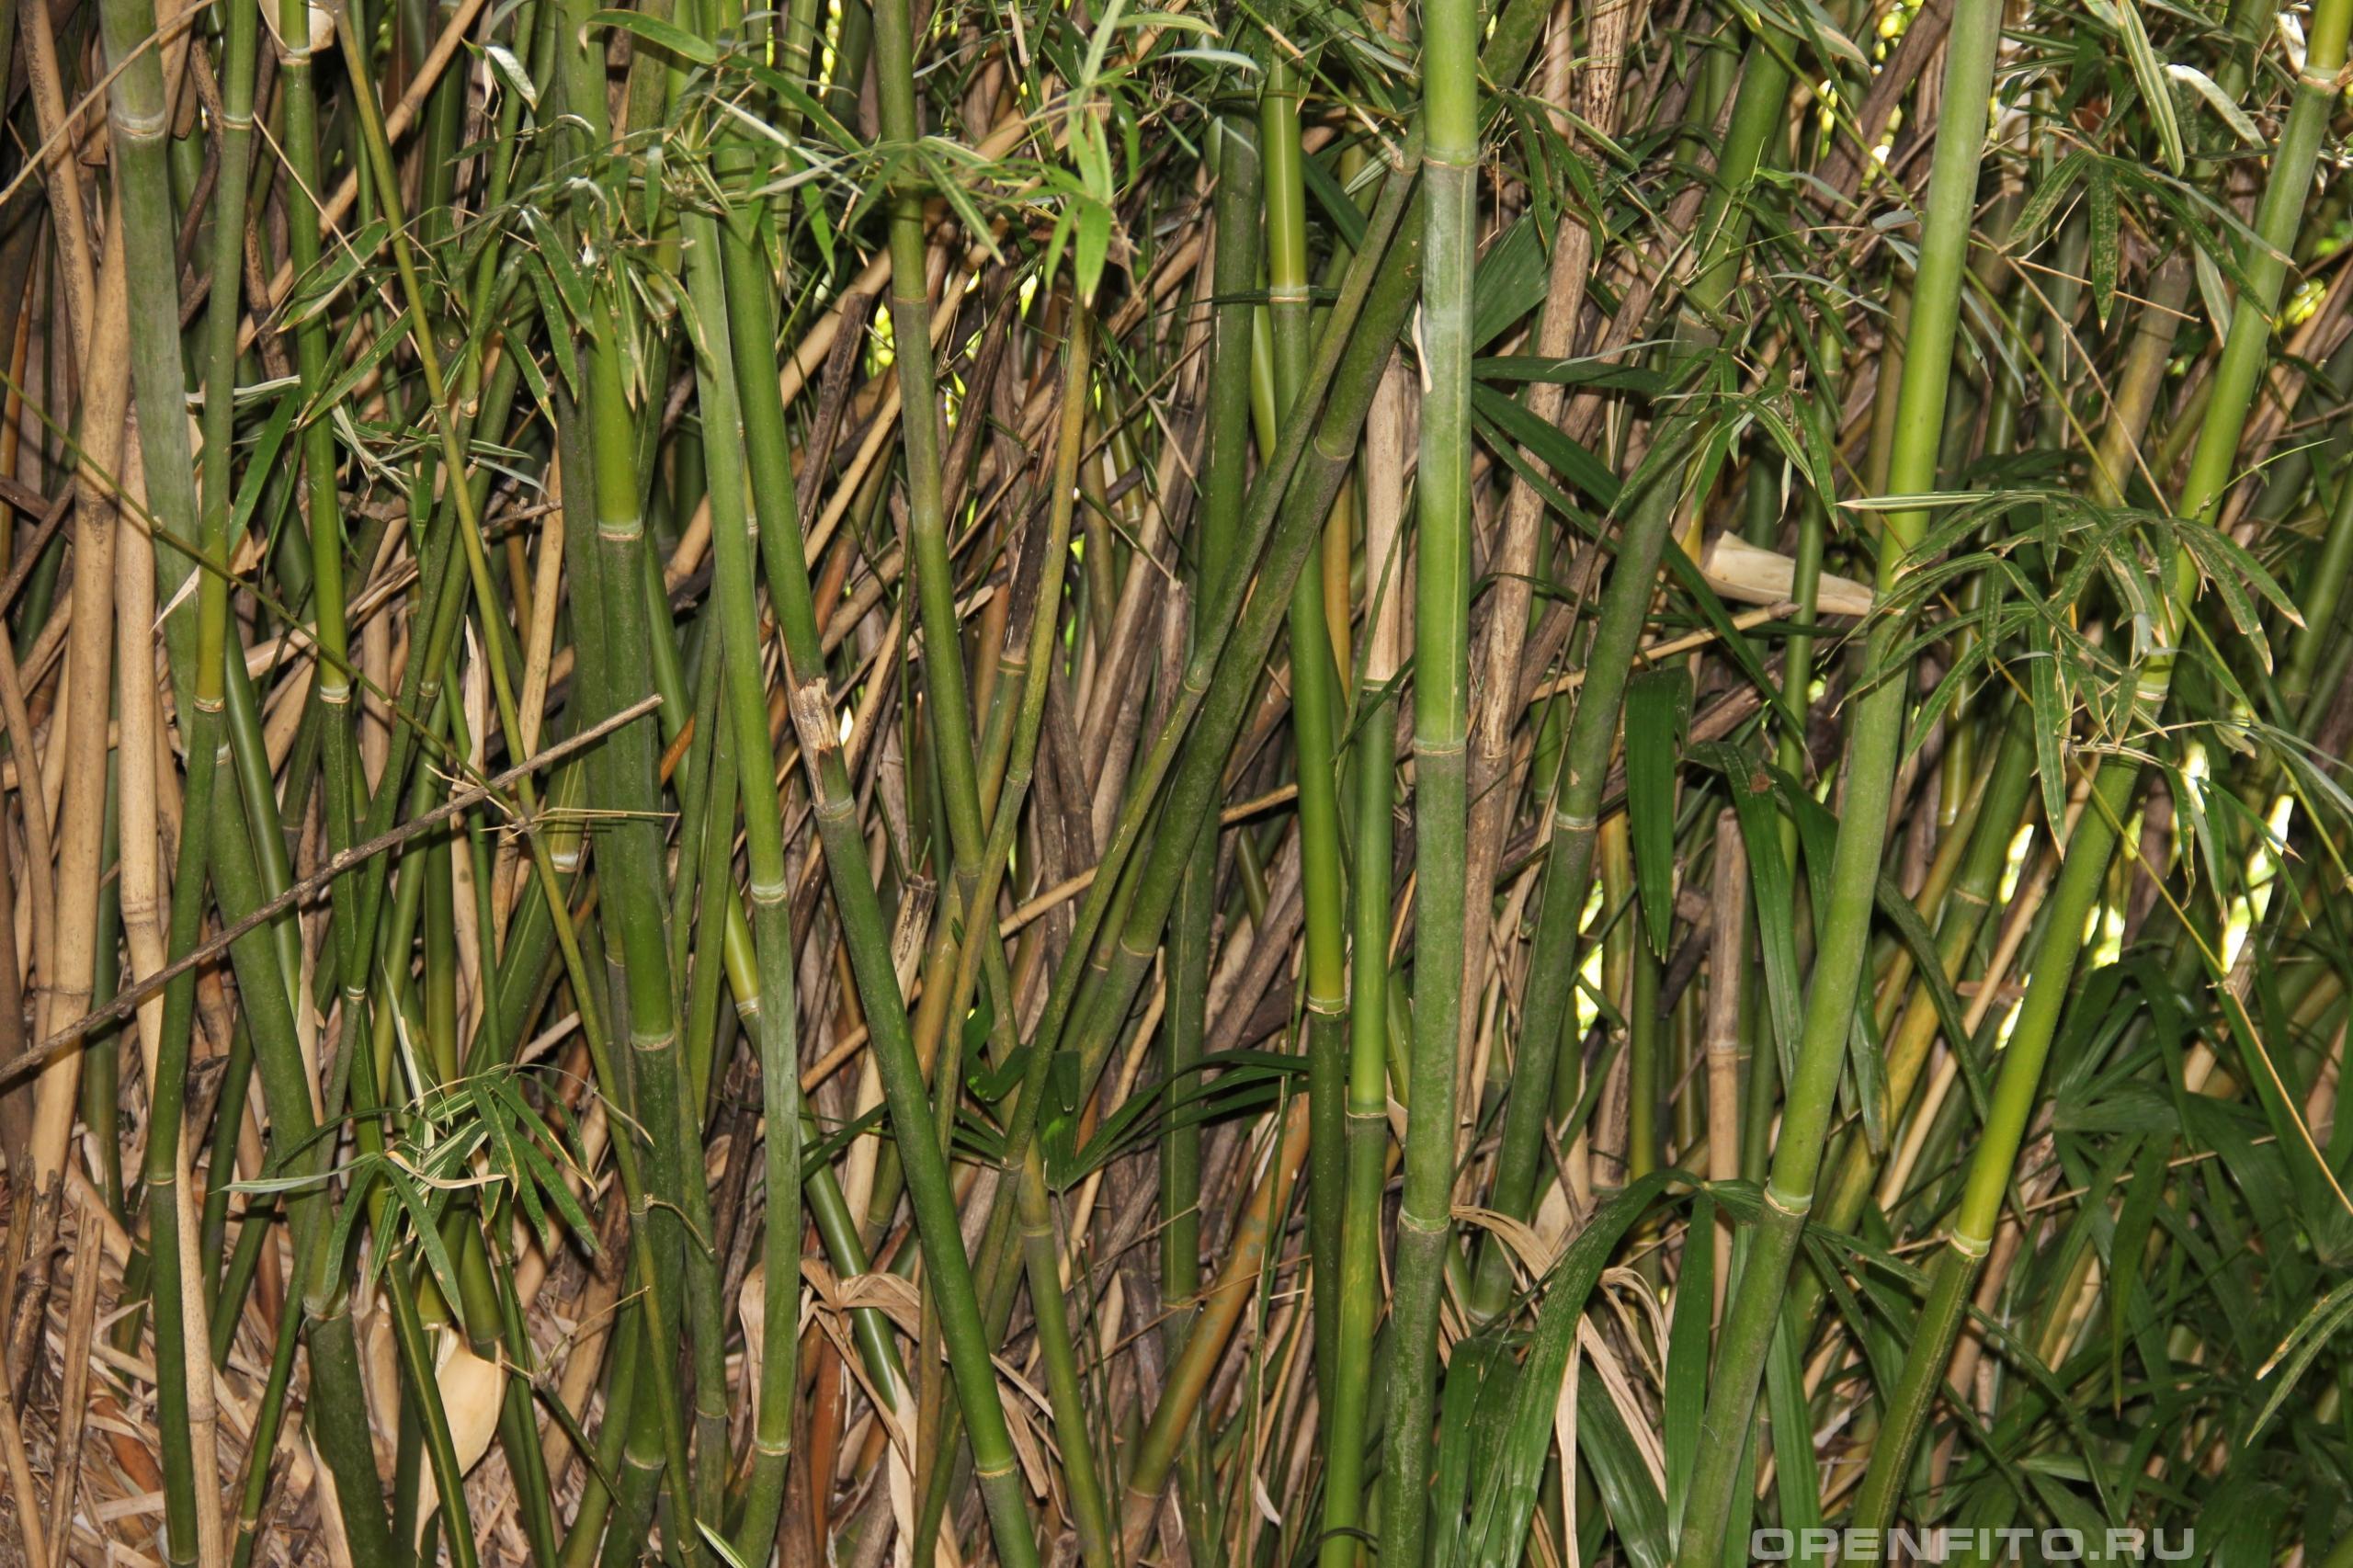 Бамбук сизоватый стебли